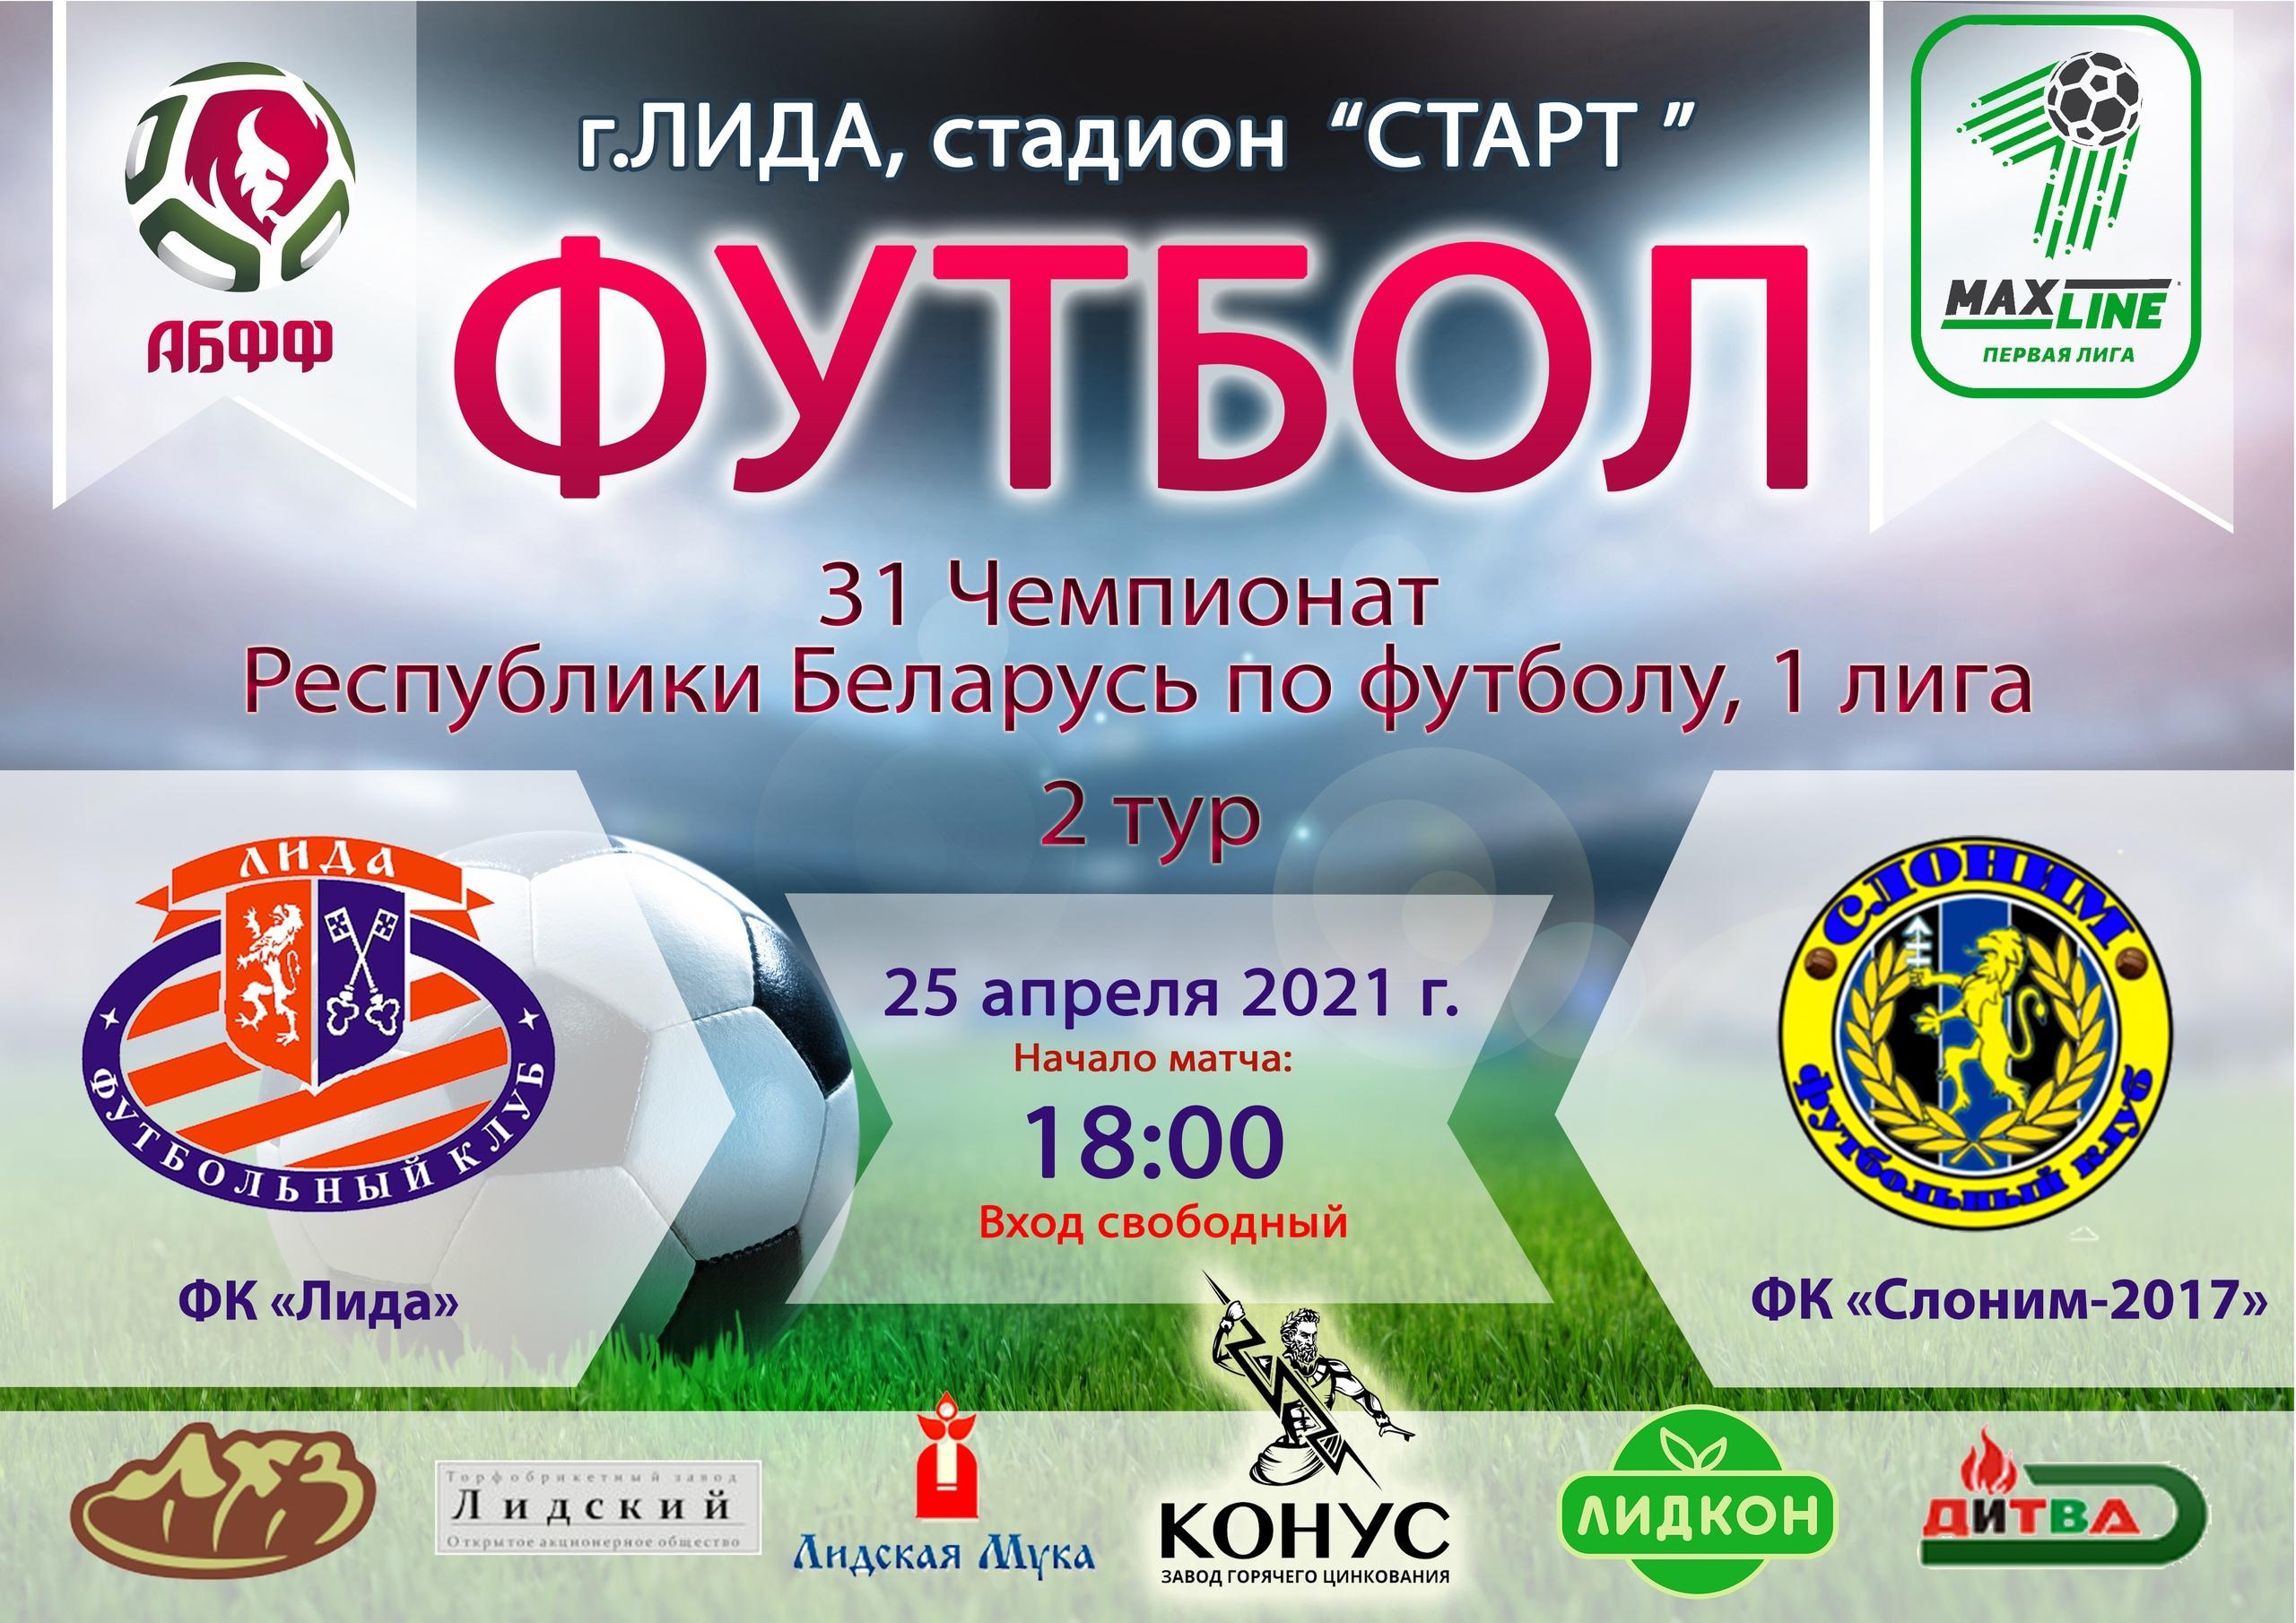 Футбольный клуб «Лида» проведет 25 апреля матч 2-го тура чемпионата страны в первой лиге.